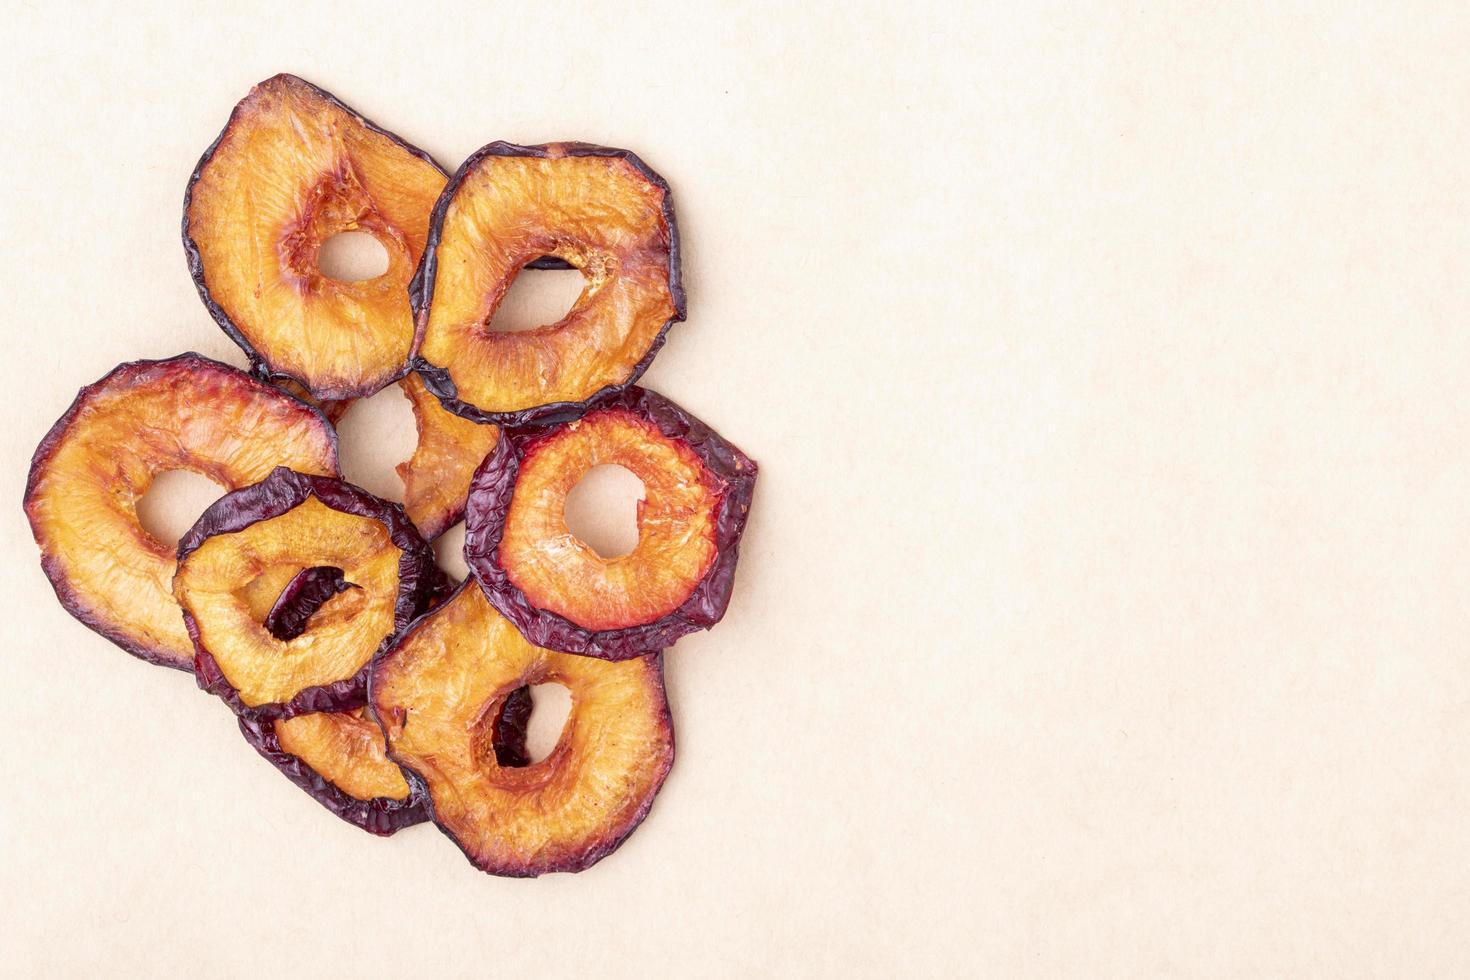 Vue de dessus des tranches de prune séchées isolés sur fond de texture de papier brun avec espace copie photo